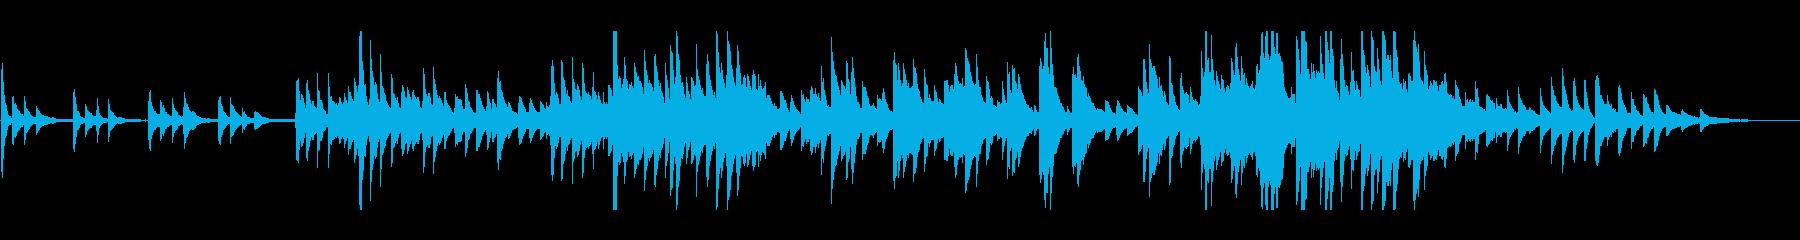 透明感のある ノスタルジックなピアノソロの再生済みの波形